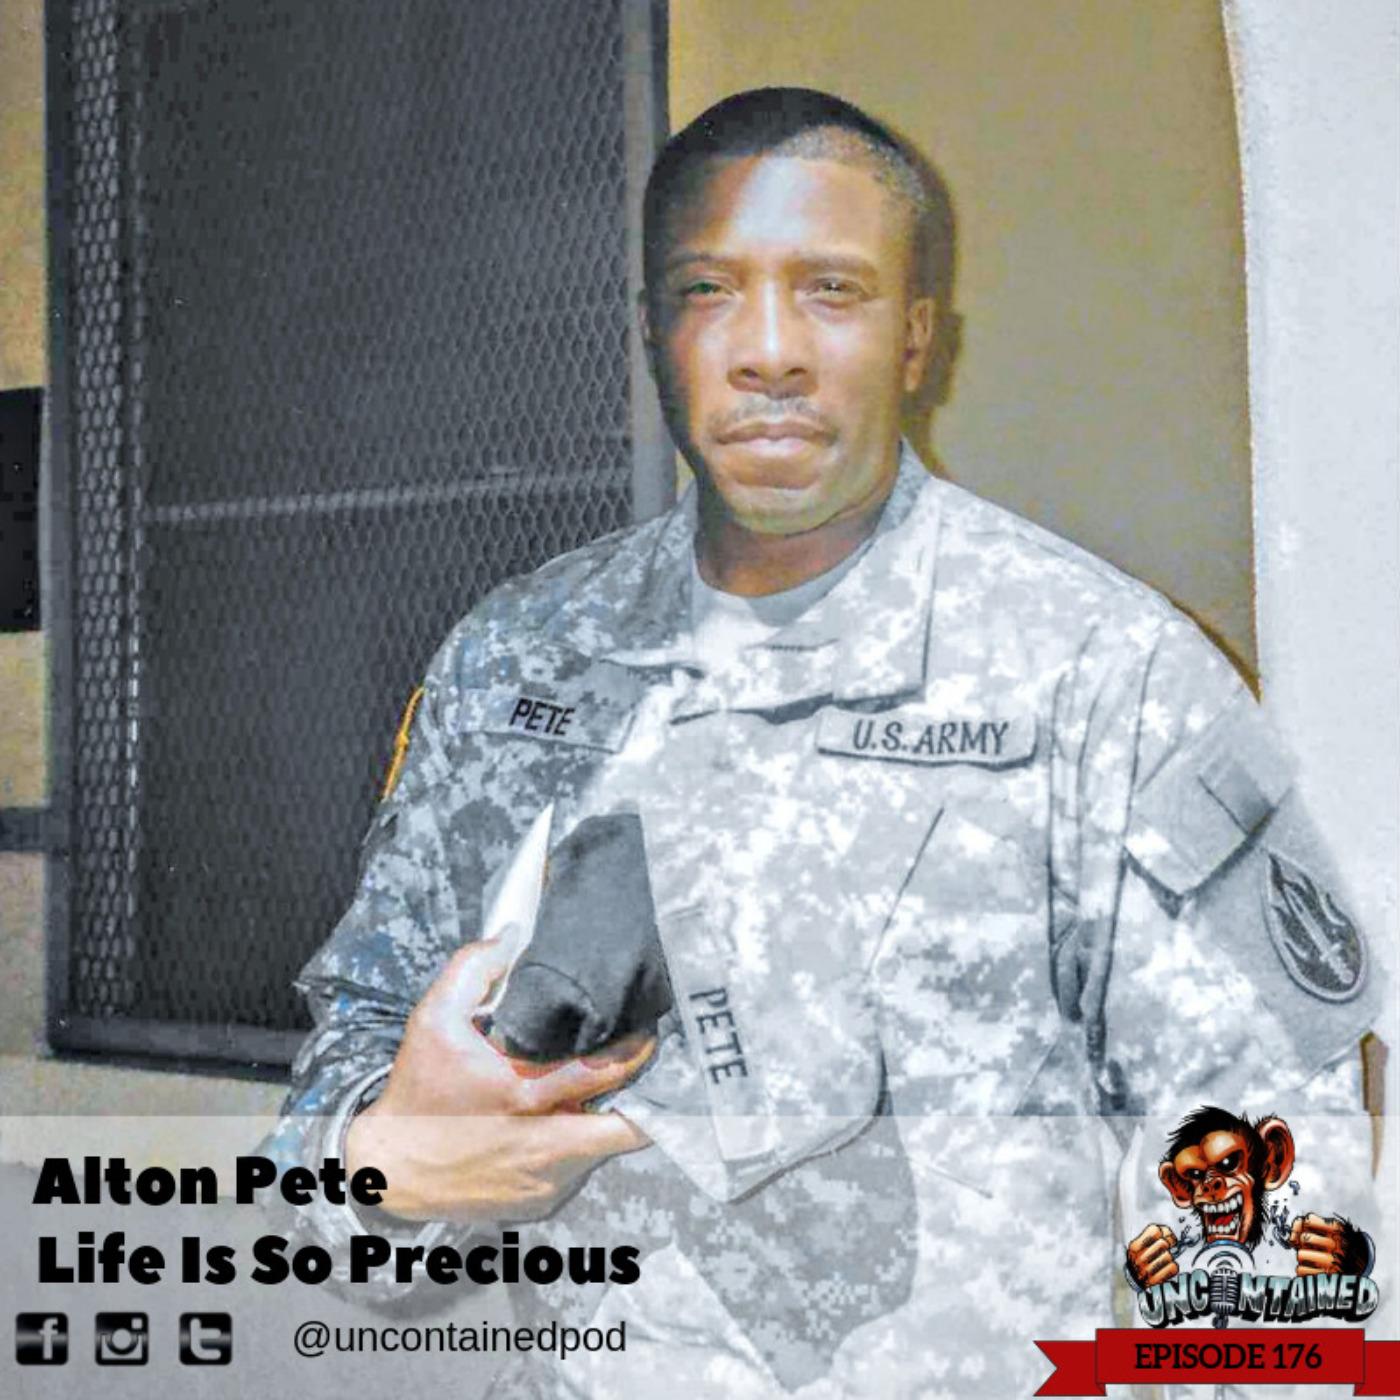 Episode 176: Alton Pete - Life Is So Precious